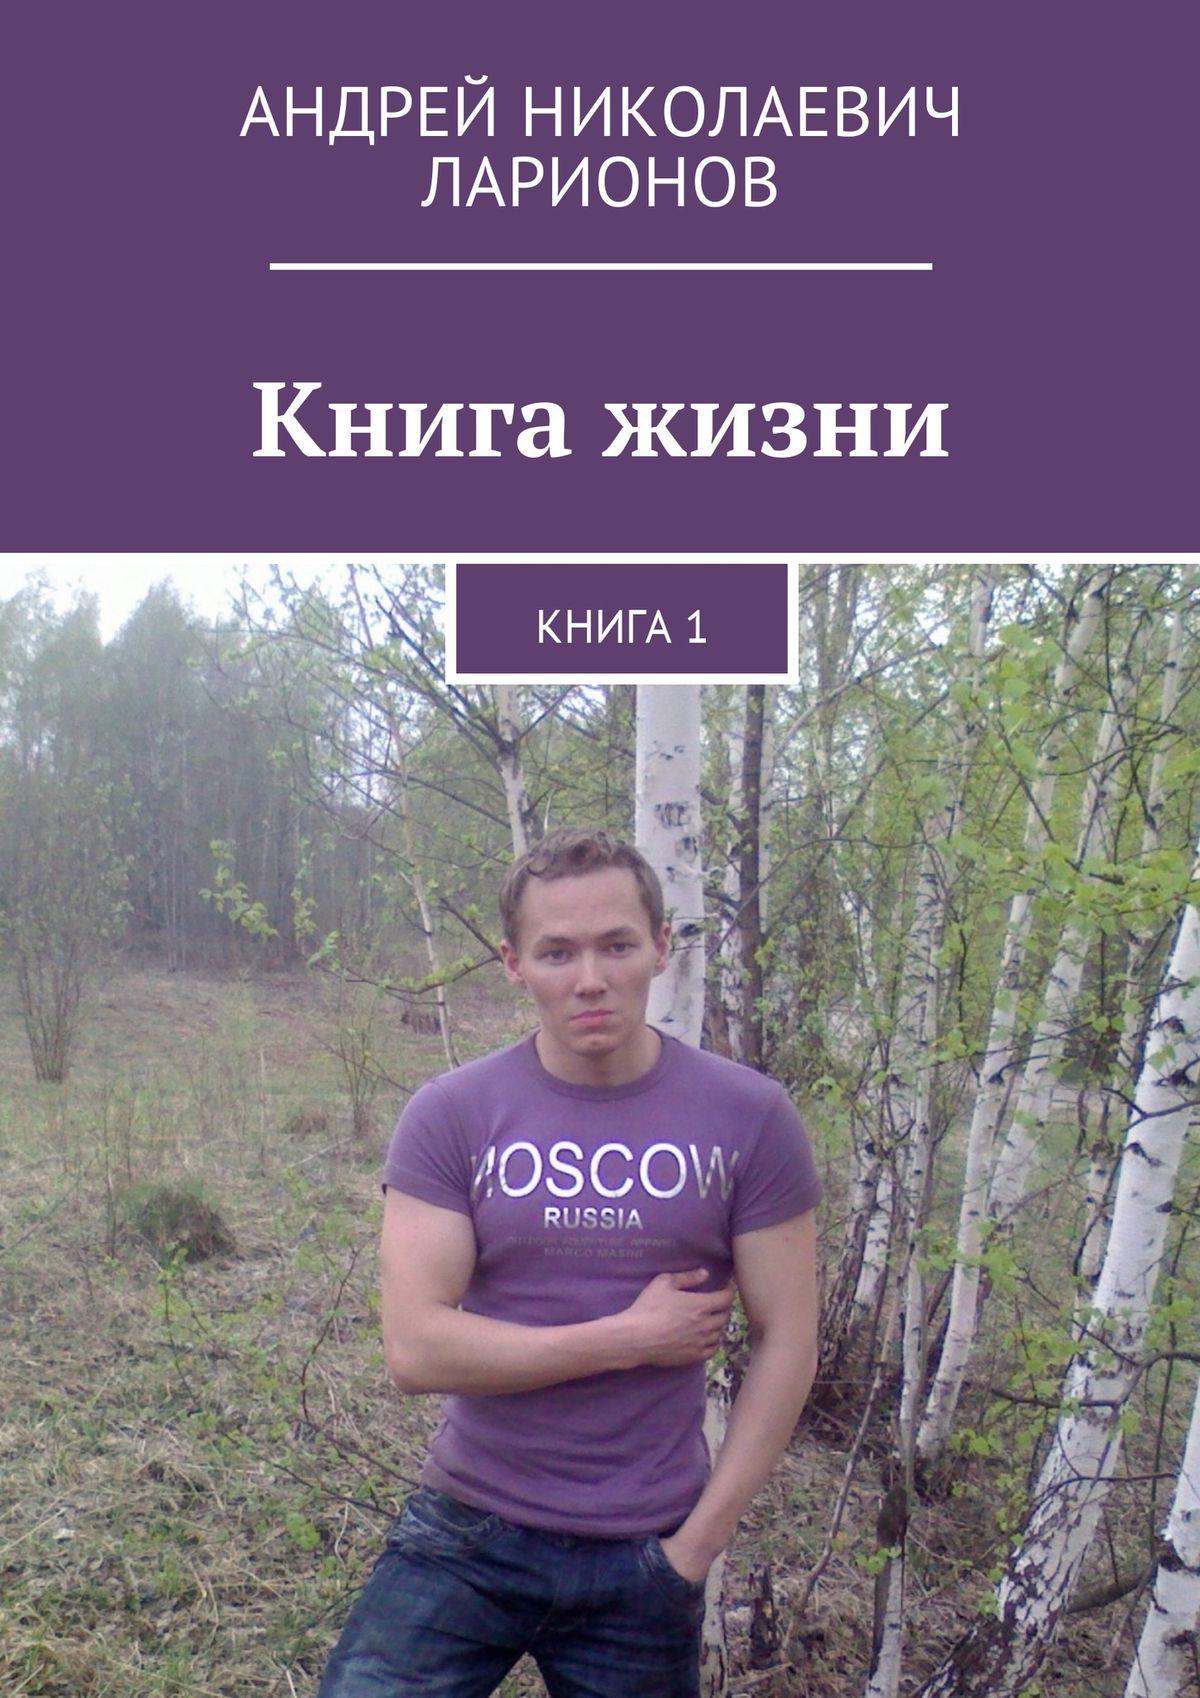 Андрей Николаевич Ларионов Книга жизни. Книга1